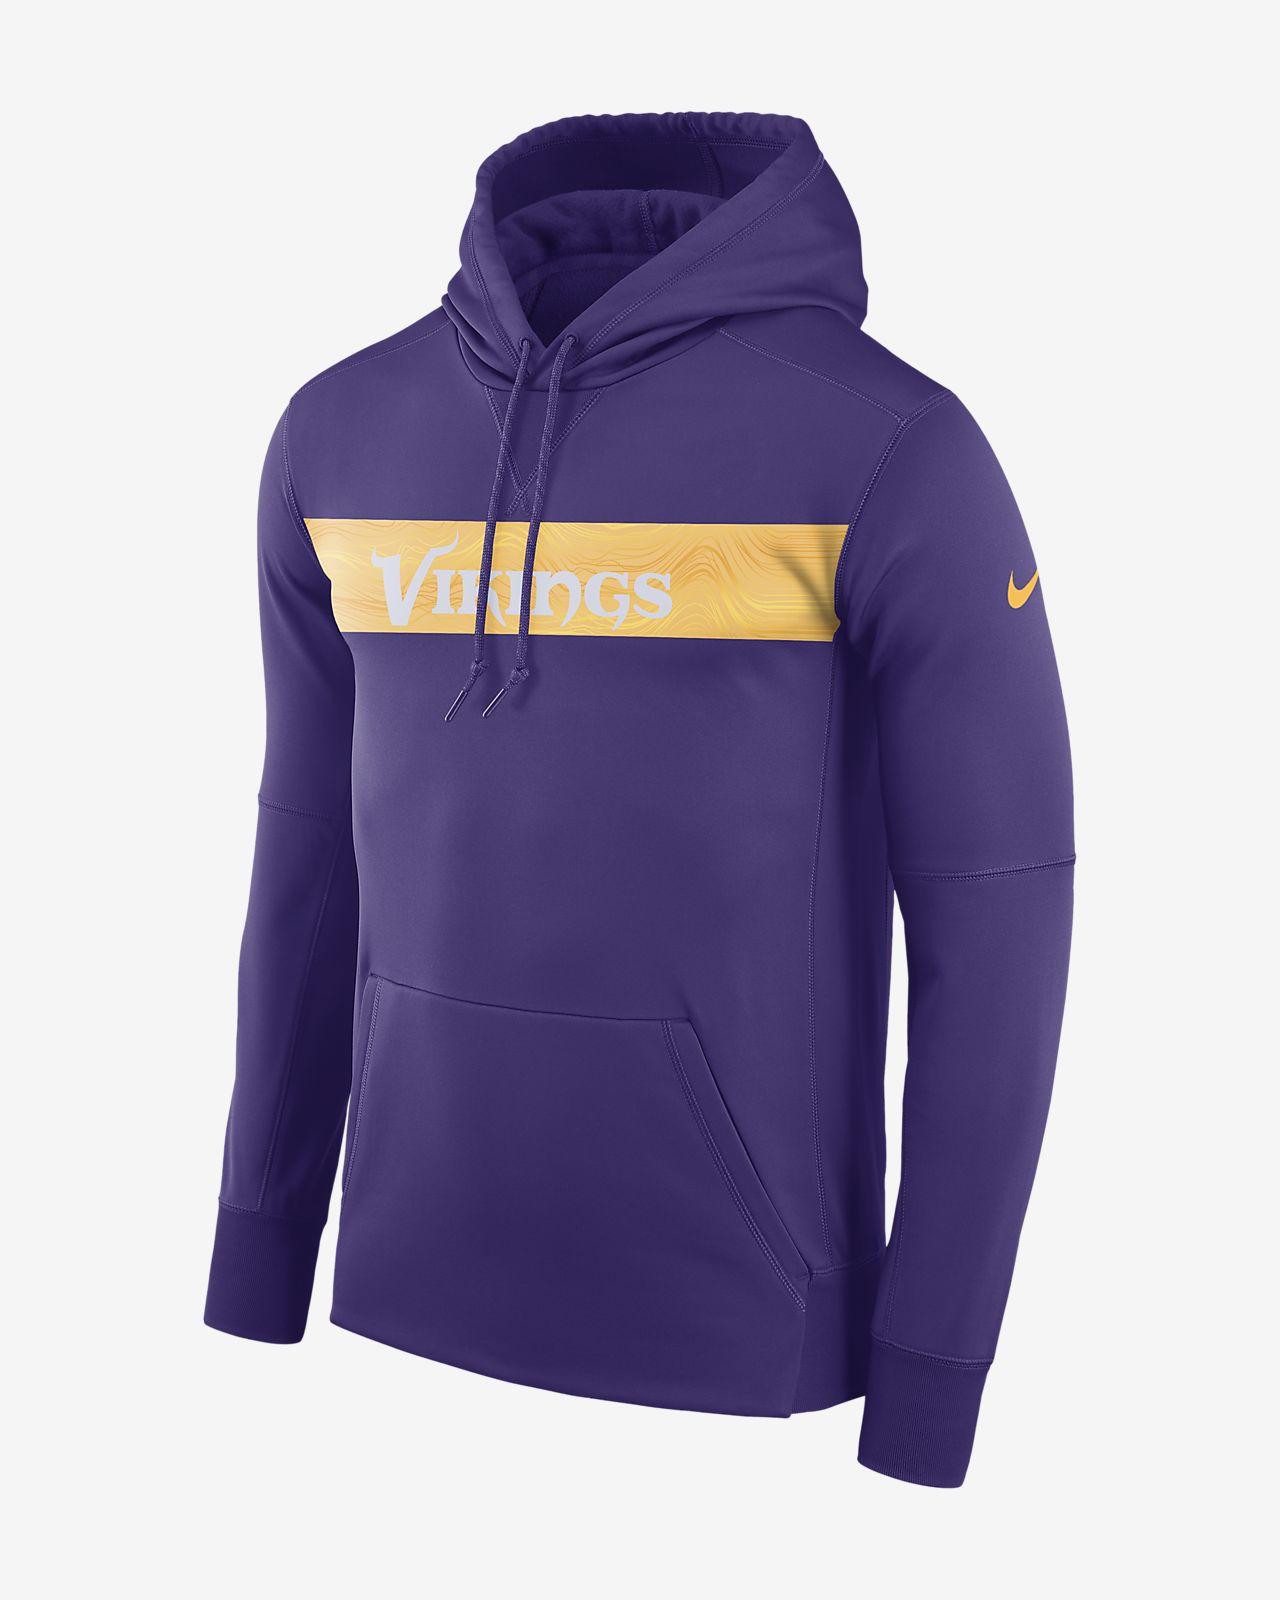 Nike Dri-FIT Therma (NFL Vikings) Men's Pullover Hoodie